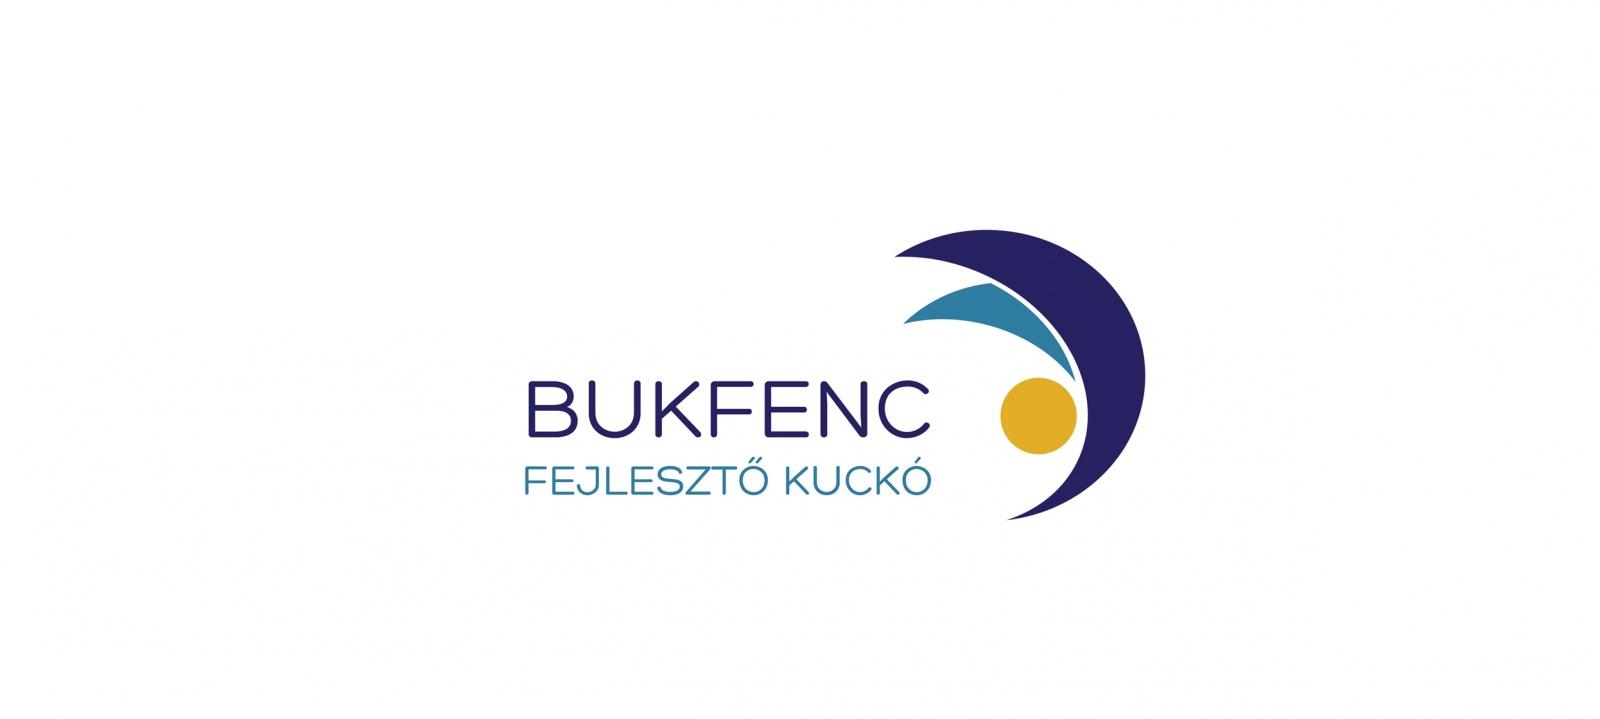 BUKFENC FEJLESZTŐ KUCKÓ